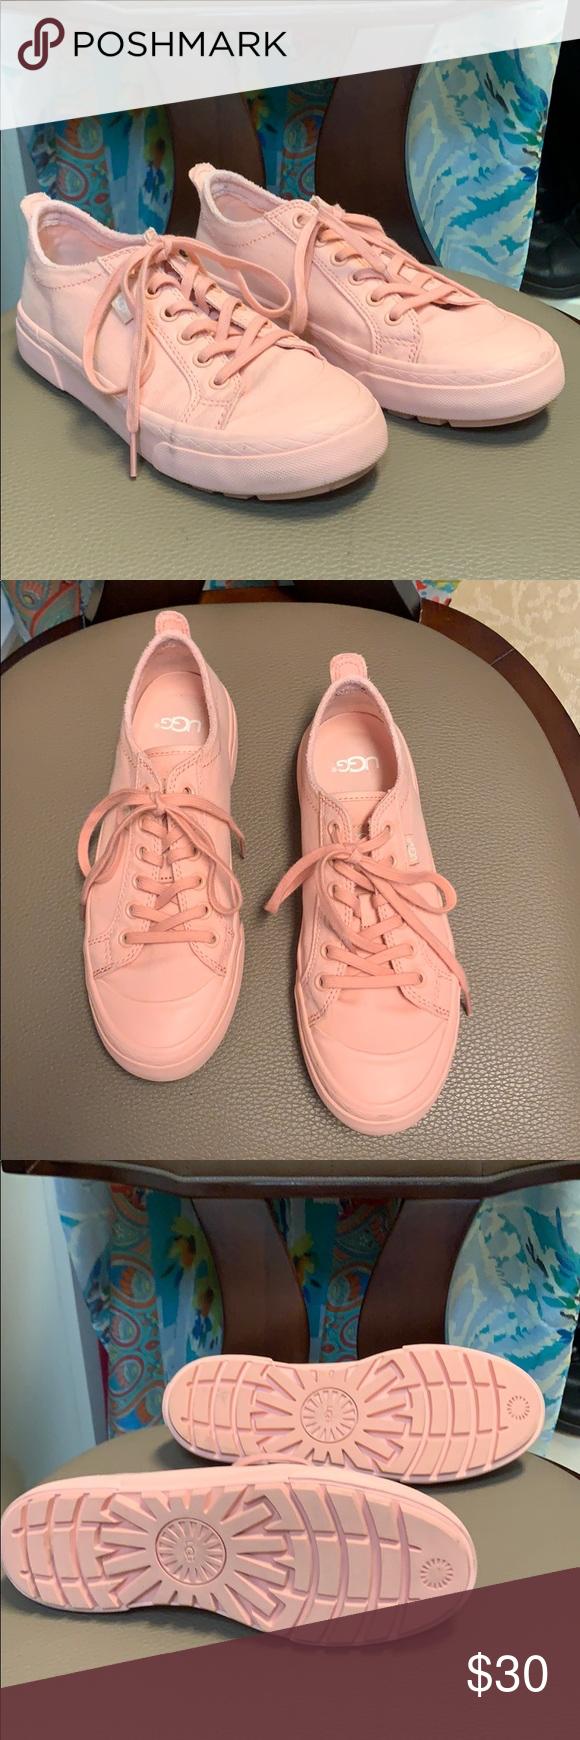 Ugg sneakers, Pink uggs